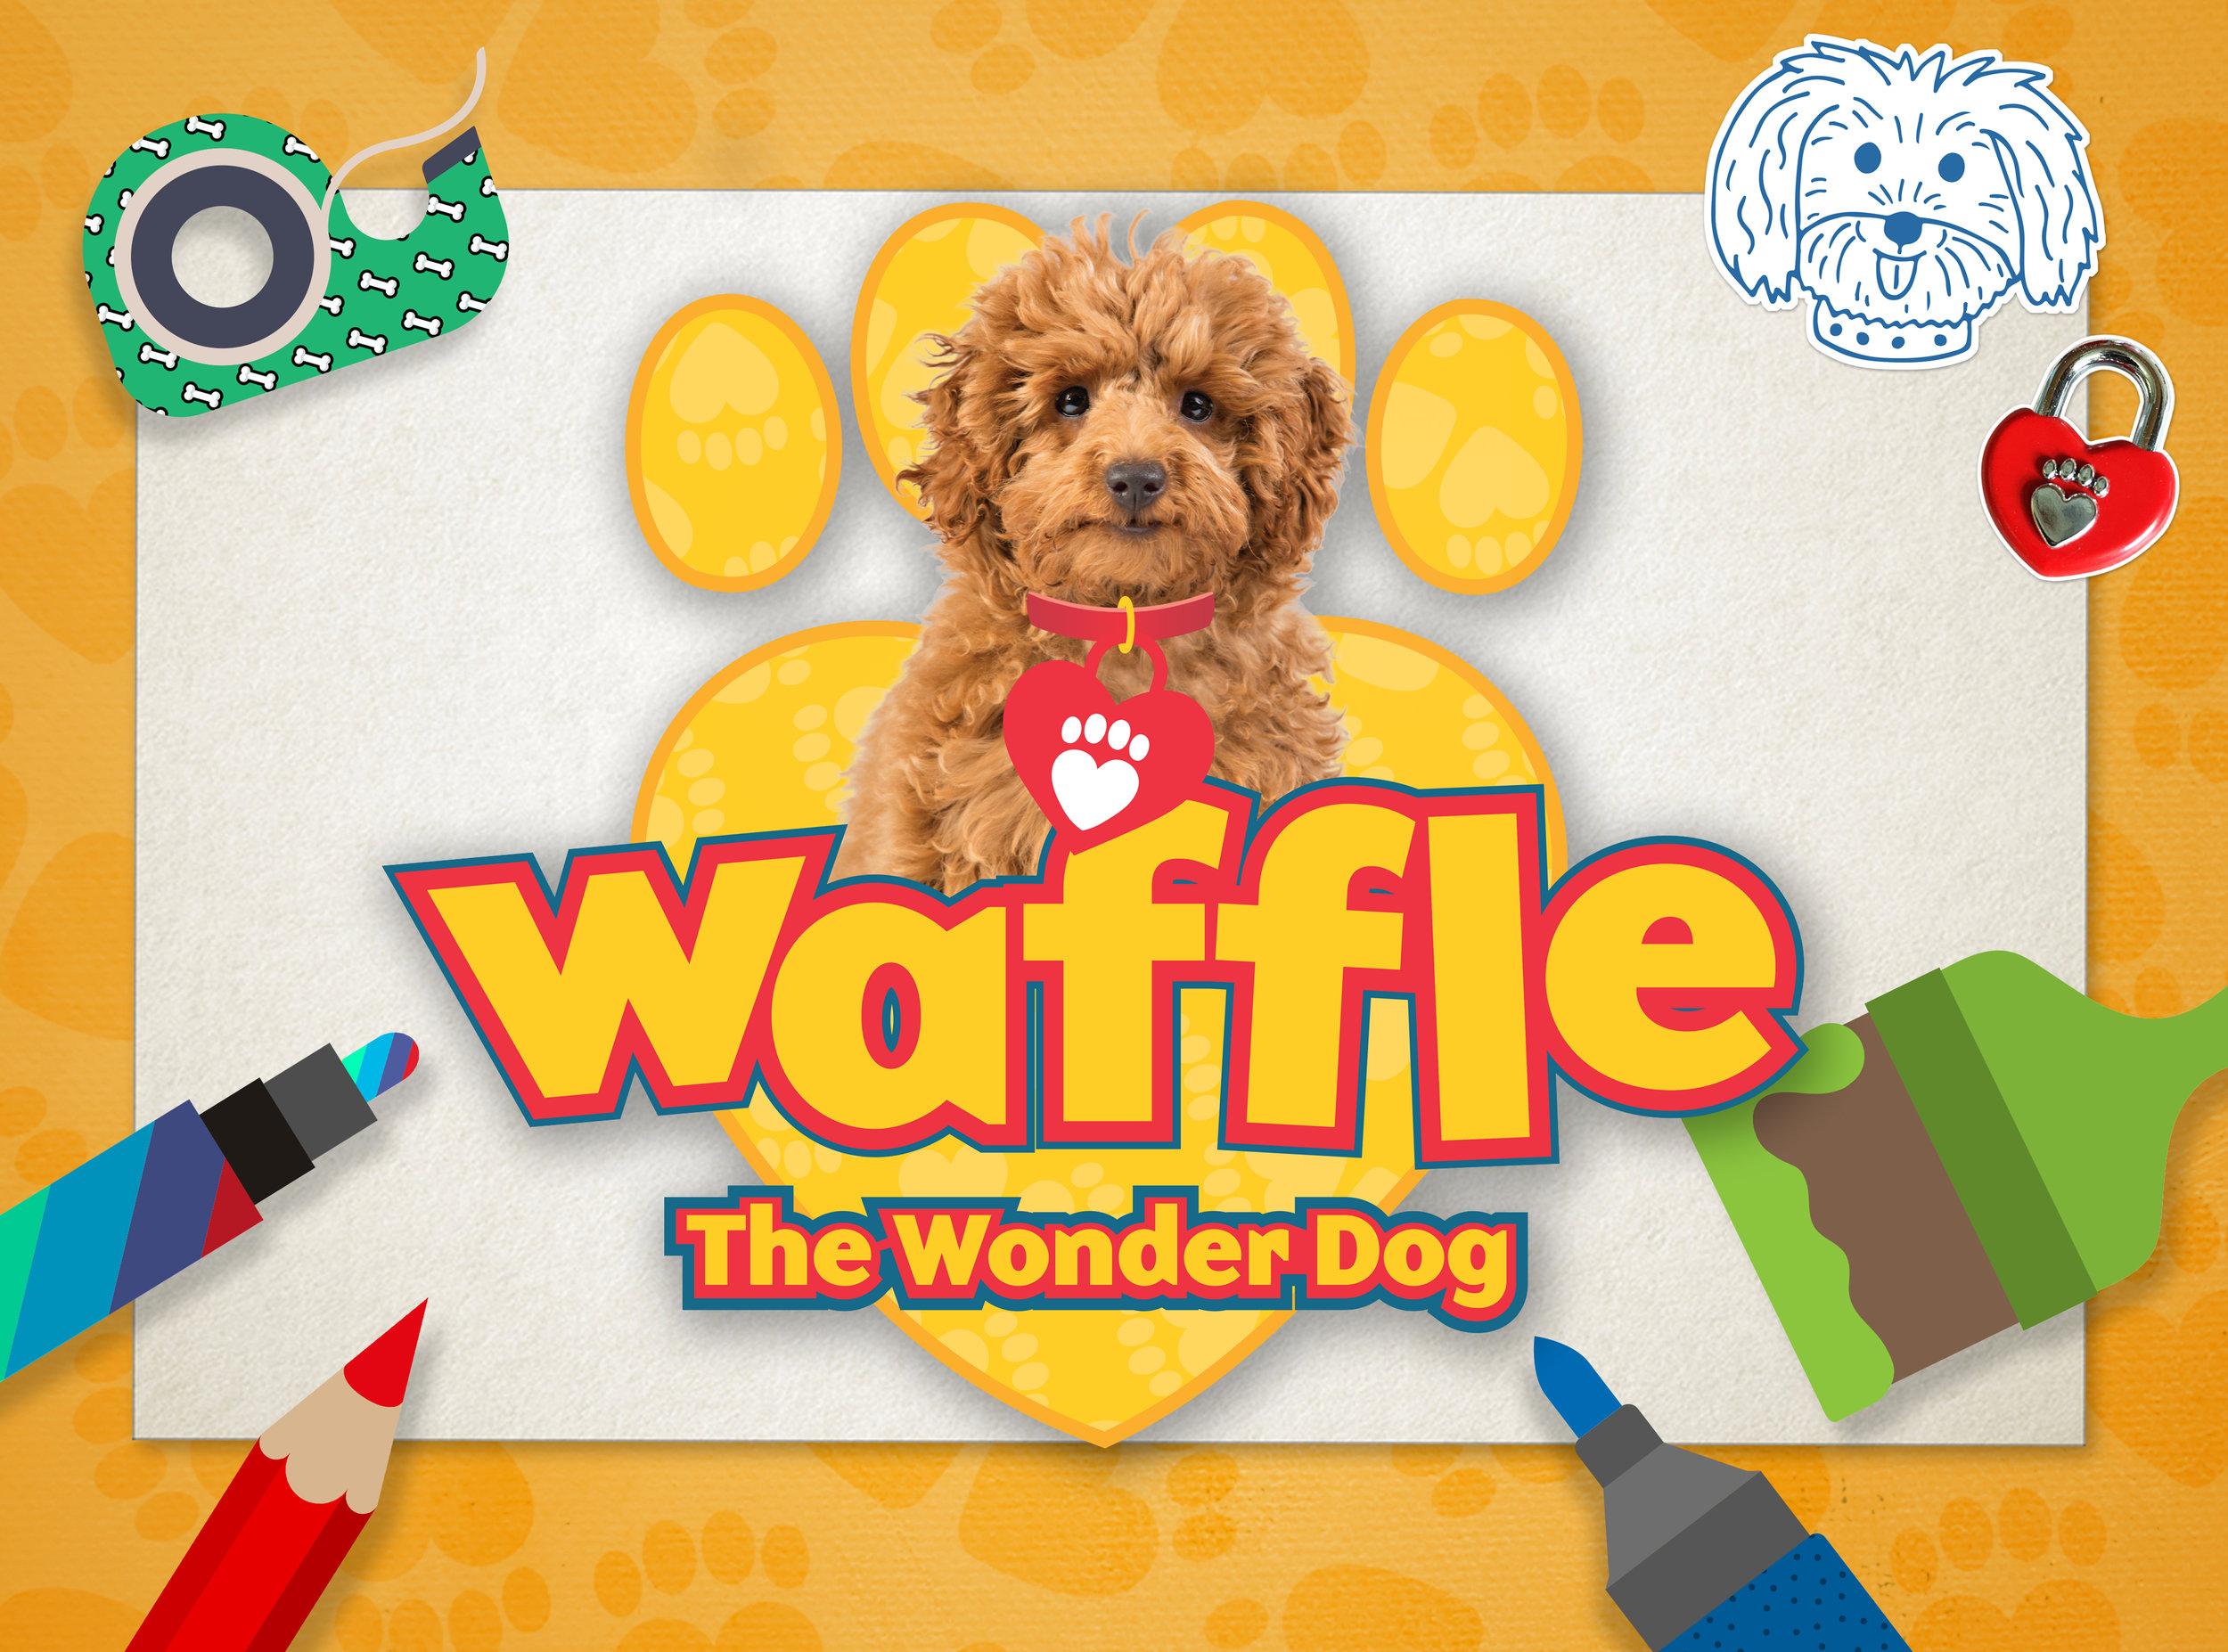 waffle-5.jpg